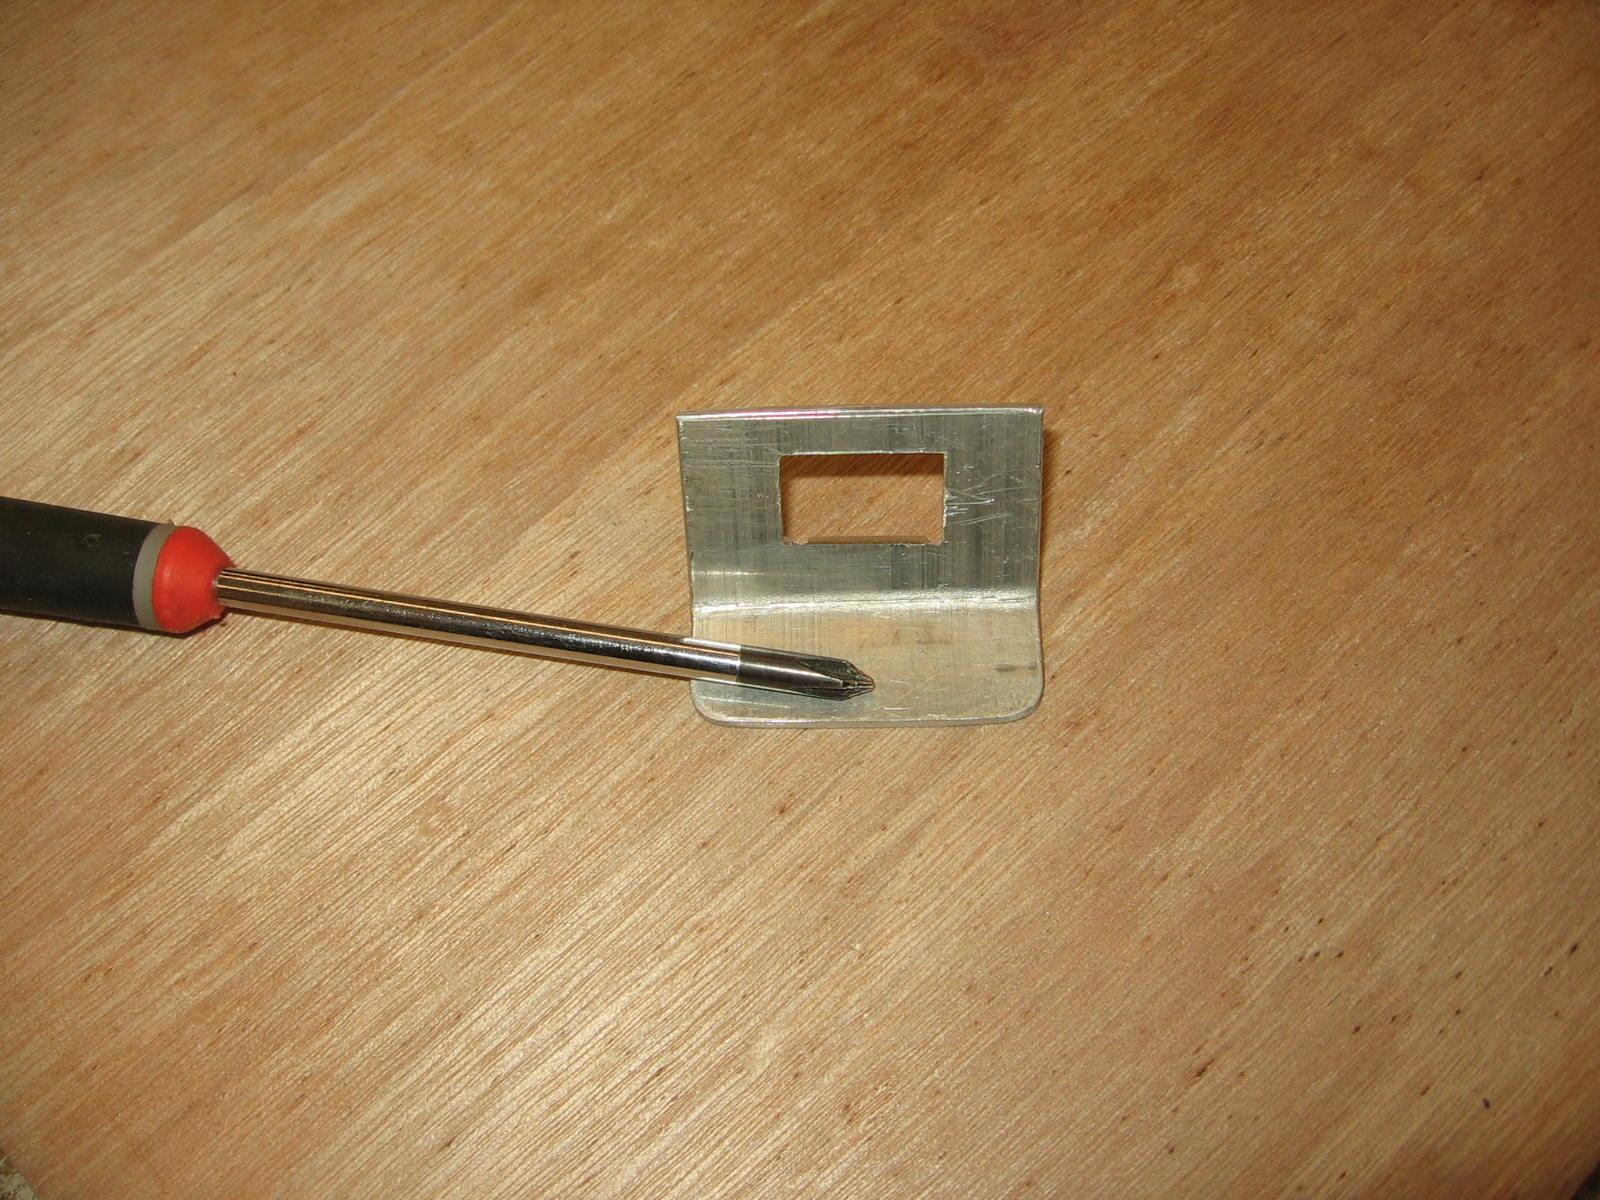 Så er hullet lavet, og det passer perfekt det den USB-port som skal sidde i. Lige før jeg ikke engang behøver at lime den for at det holder.